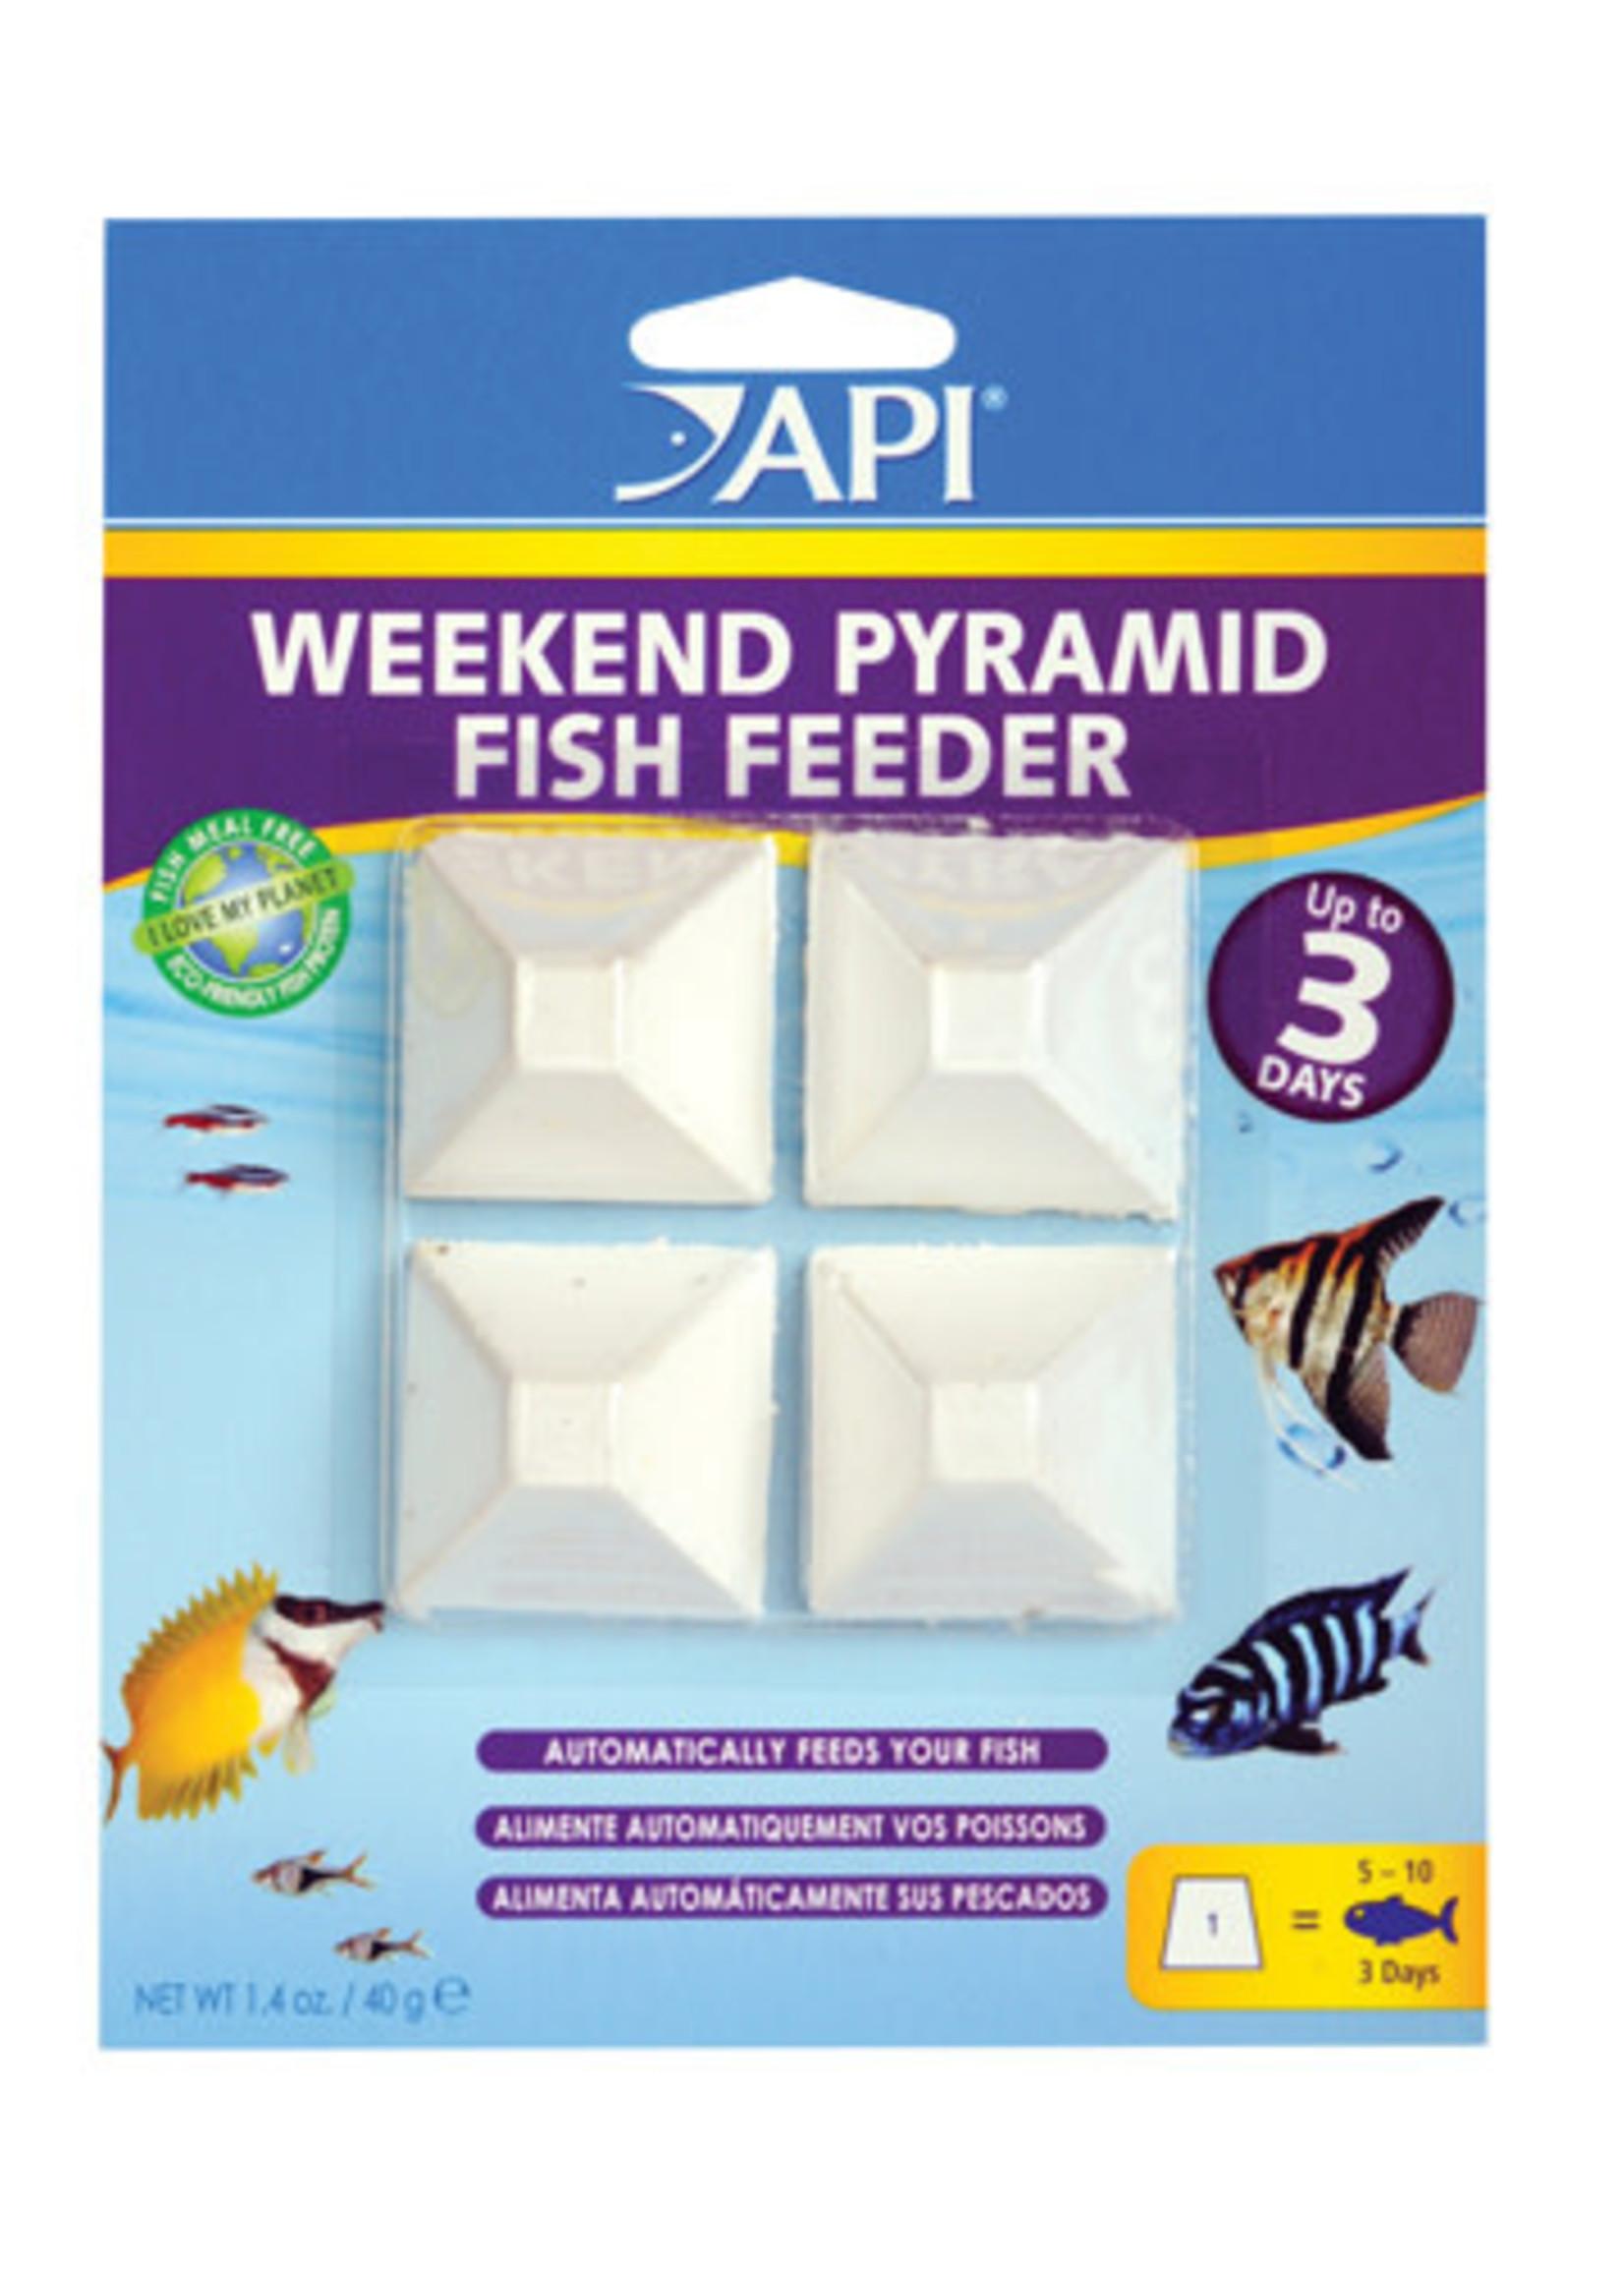 Pyramid 3 Day Feeder